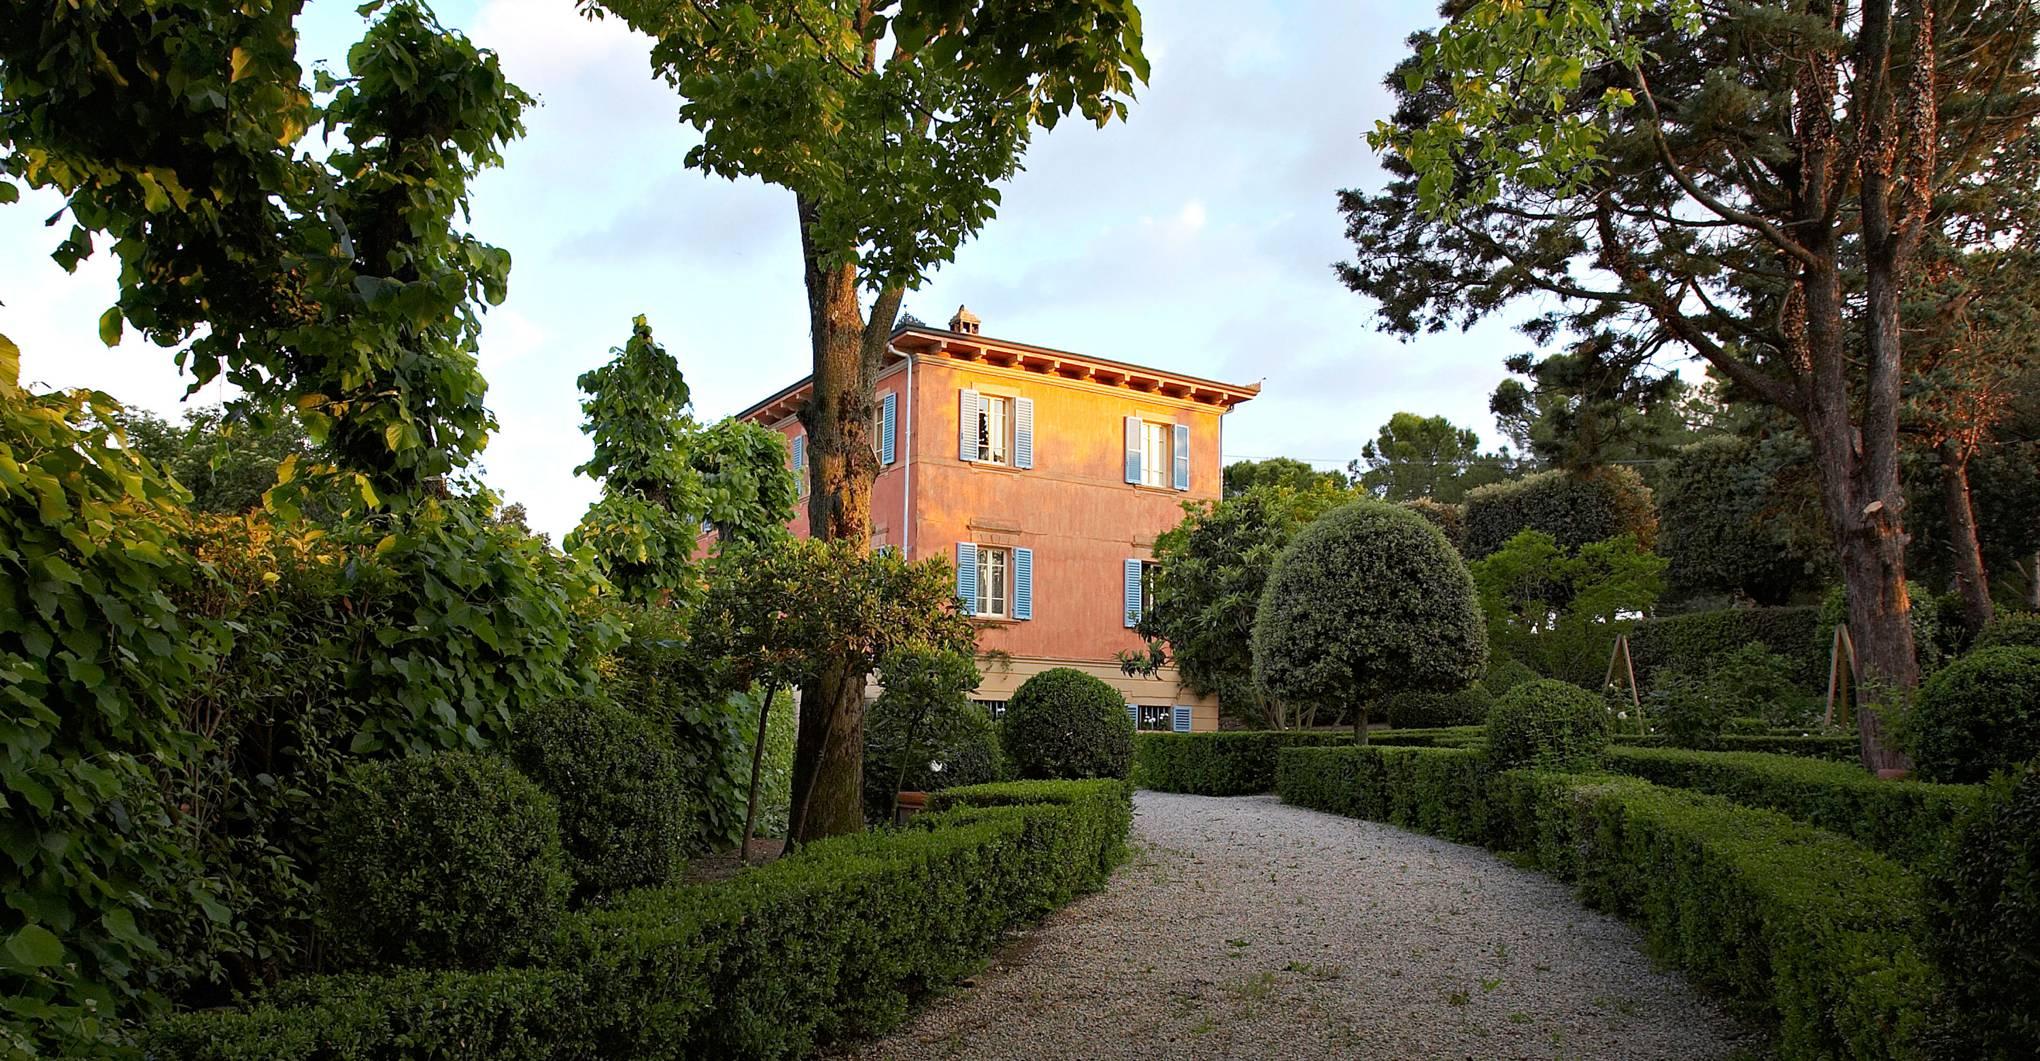 Win a holiday to Tuscany